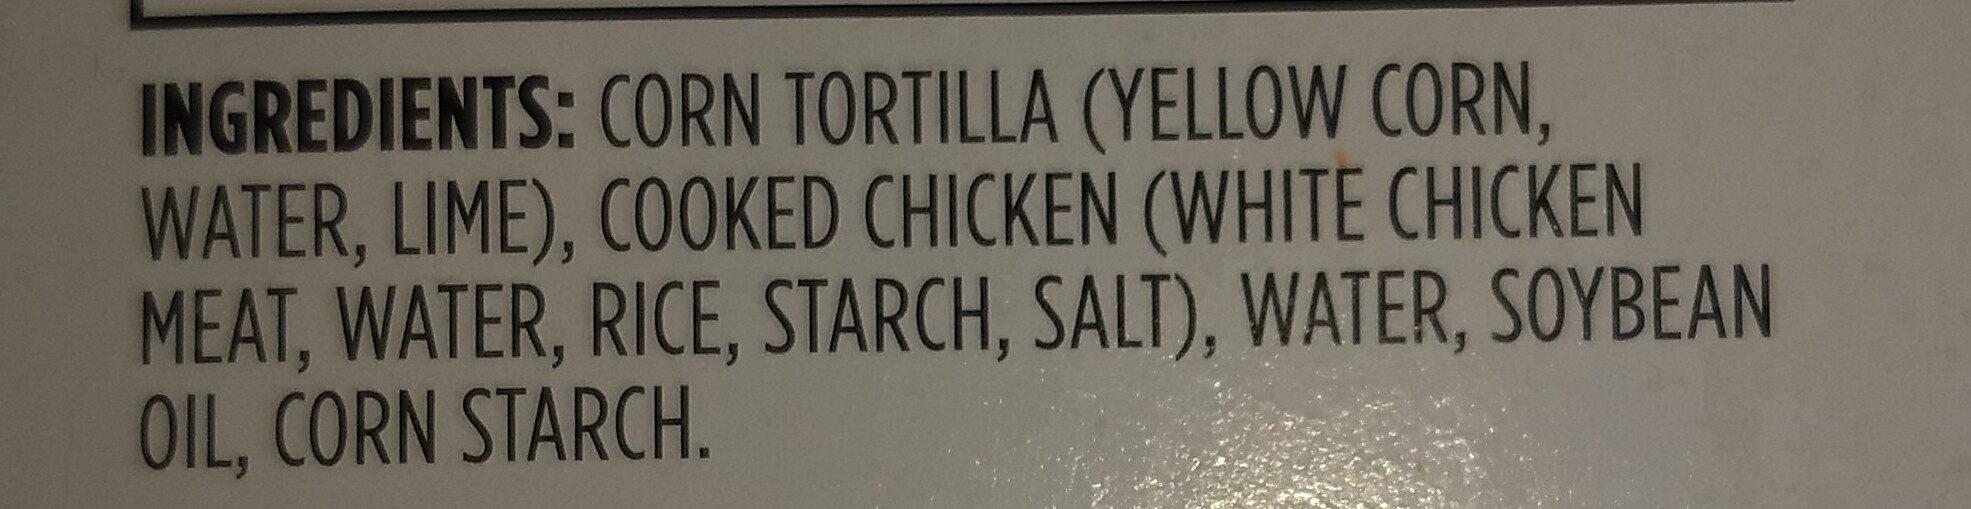 Chicken Taquitos - Ingrédients